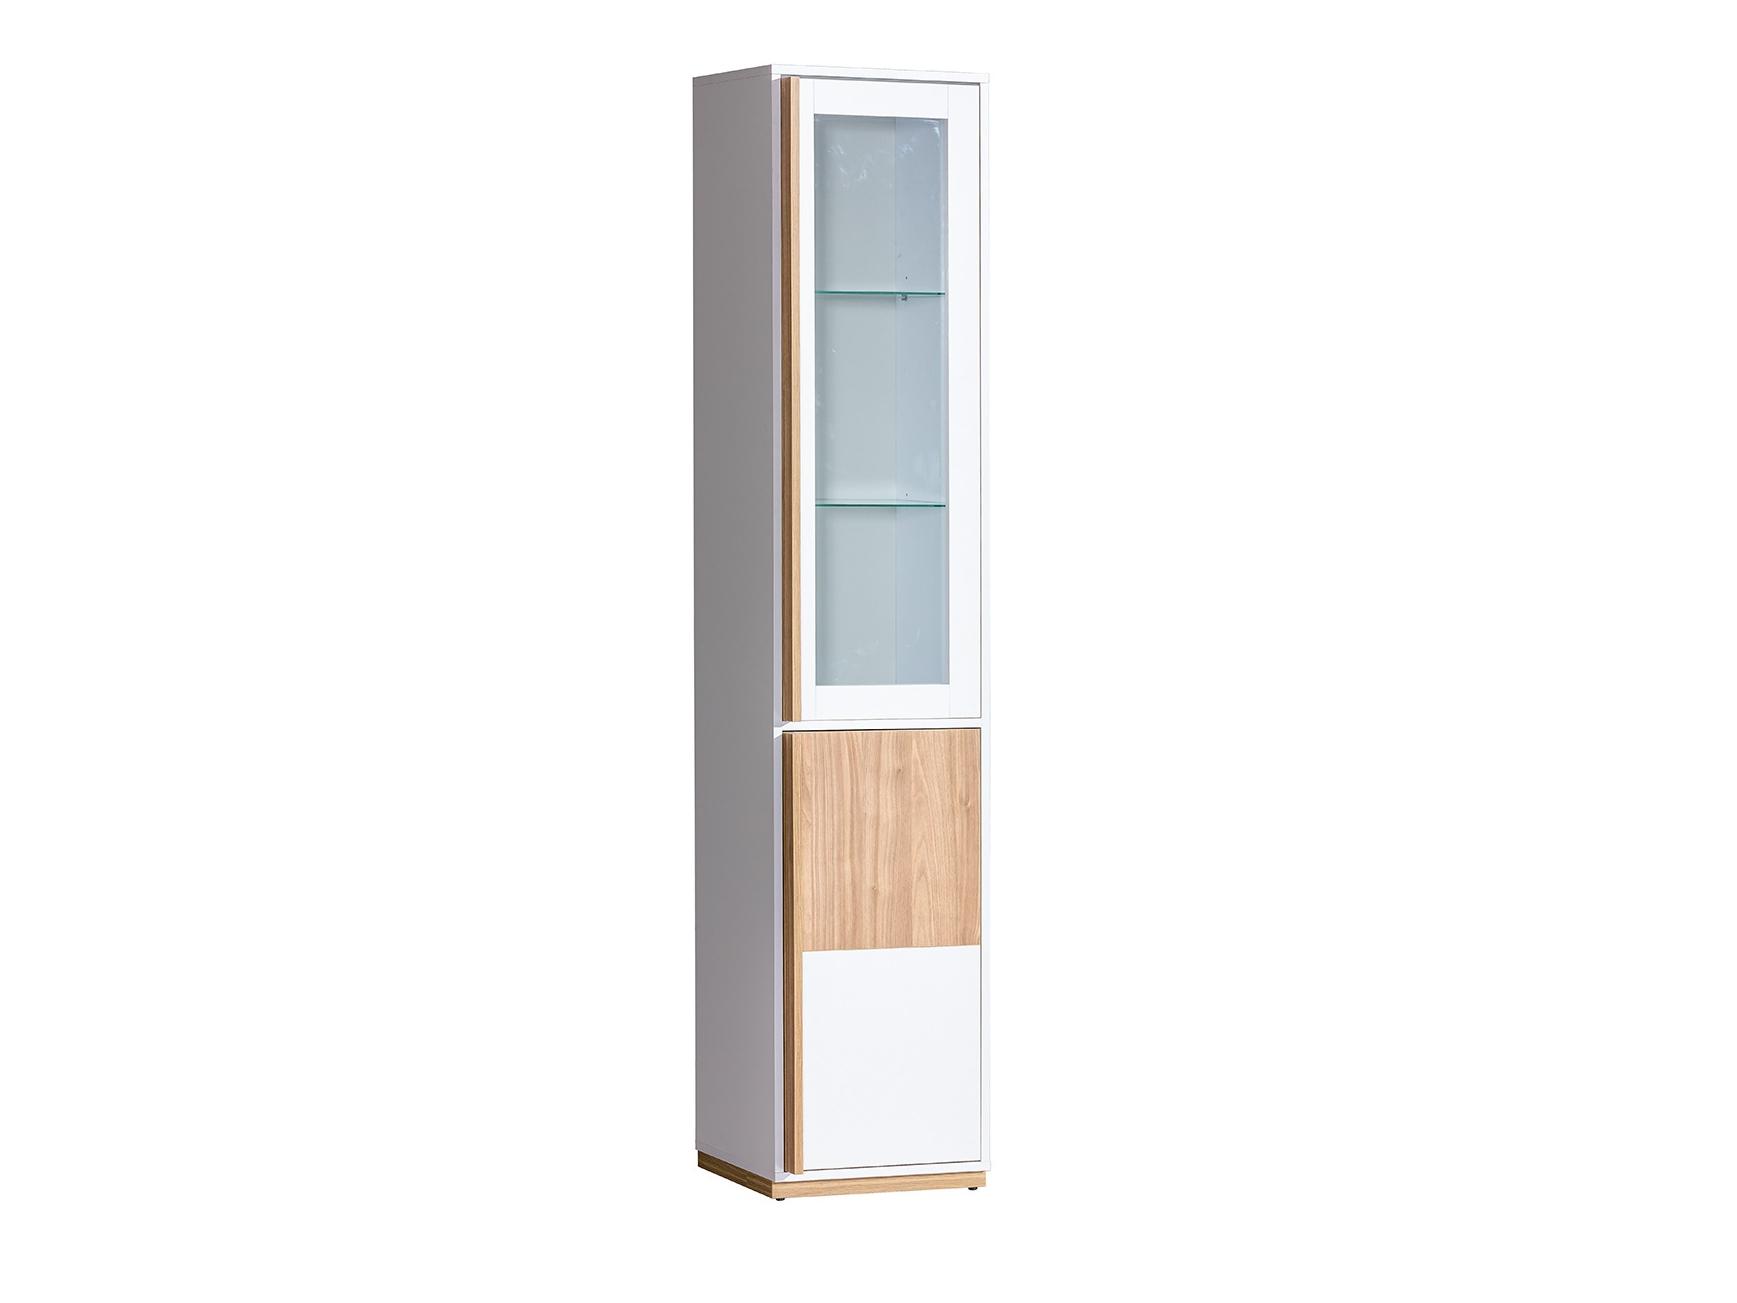 Dolmar Kombinovaná skříň Evado E3 40,9x196,6x38,2 cm